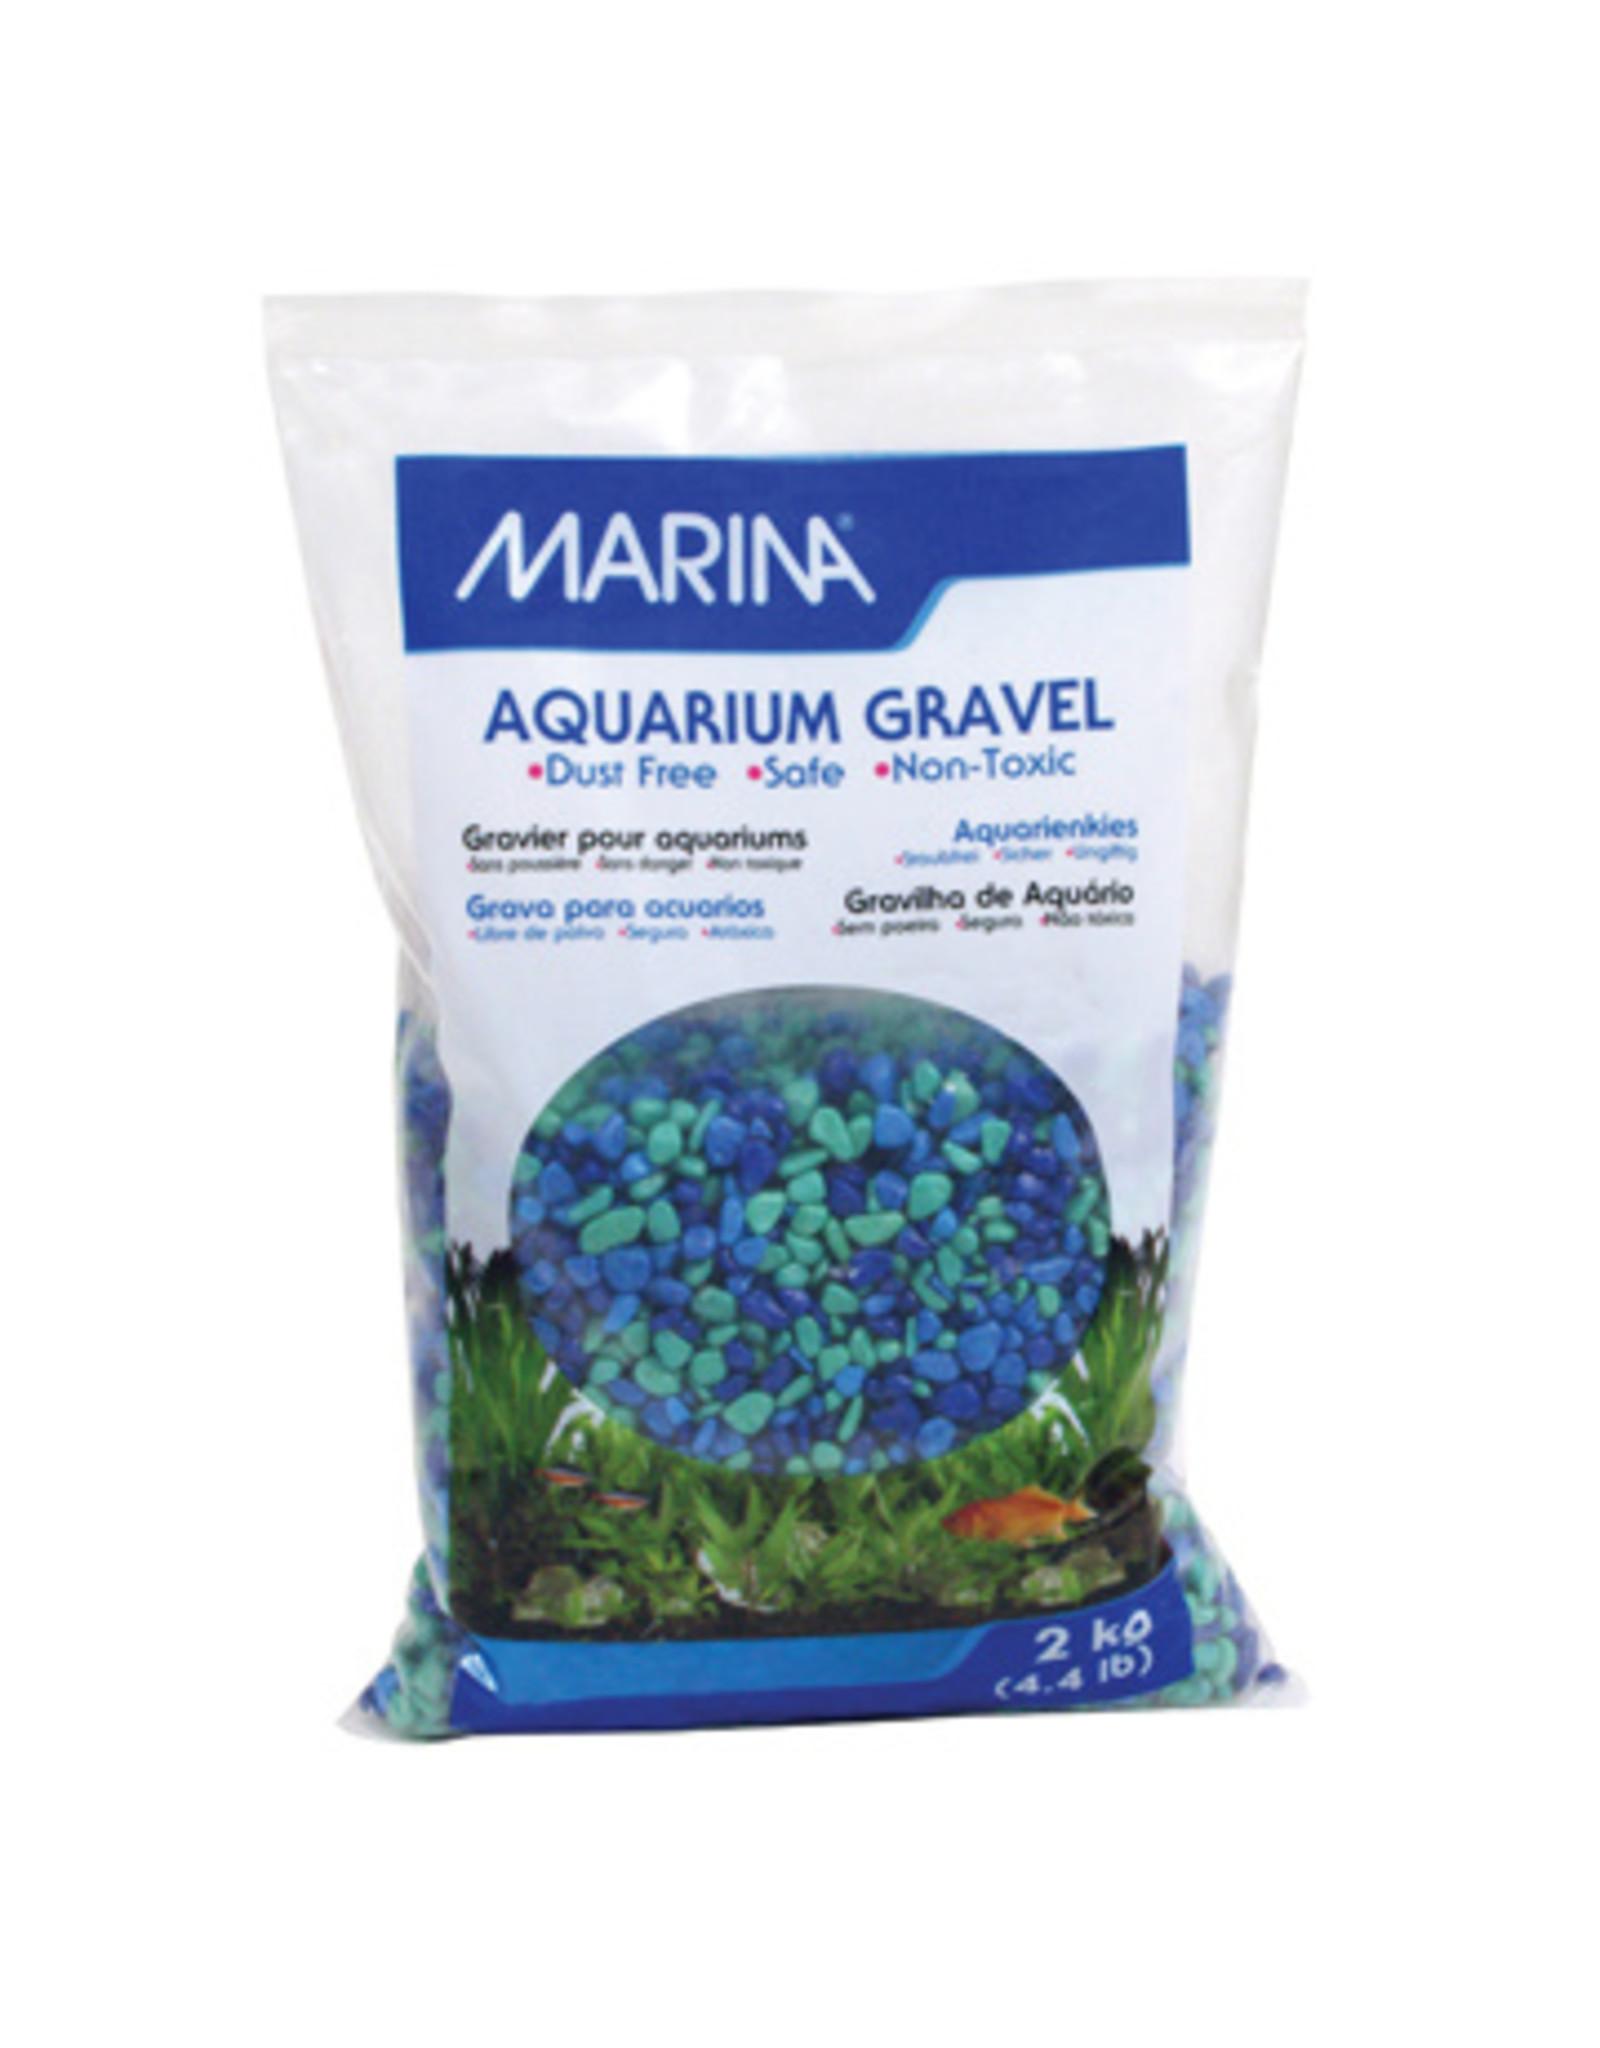 Marina MARINA Aquarium Gravel Tri-Color Blue